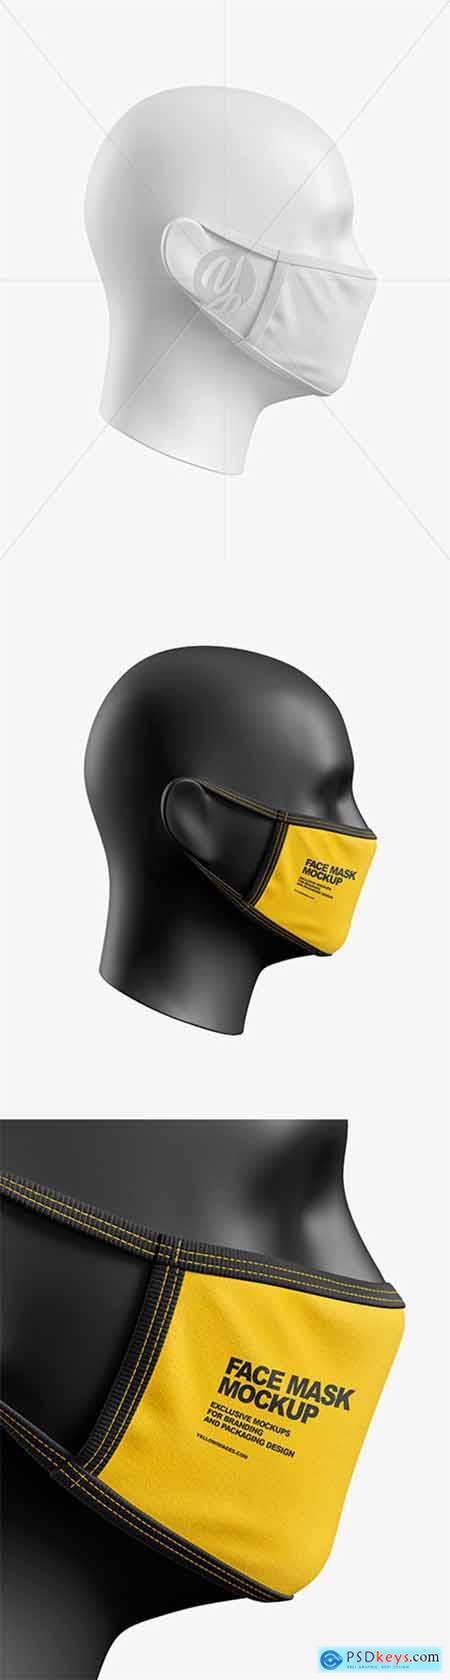 Face Mask Mockup 58239